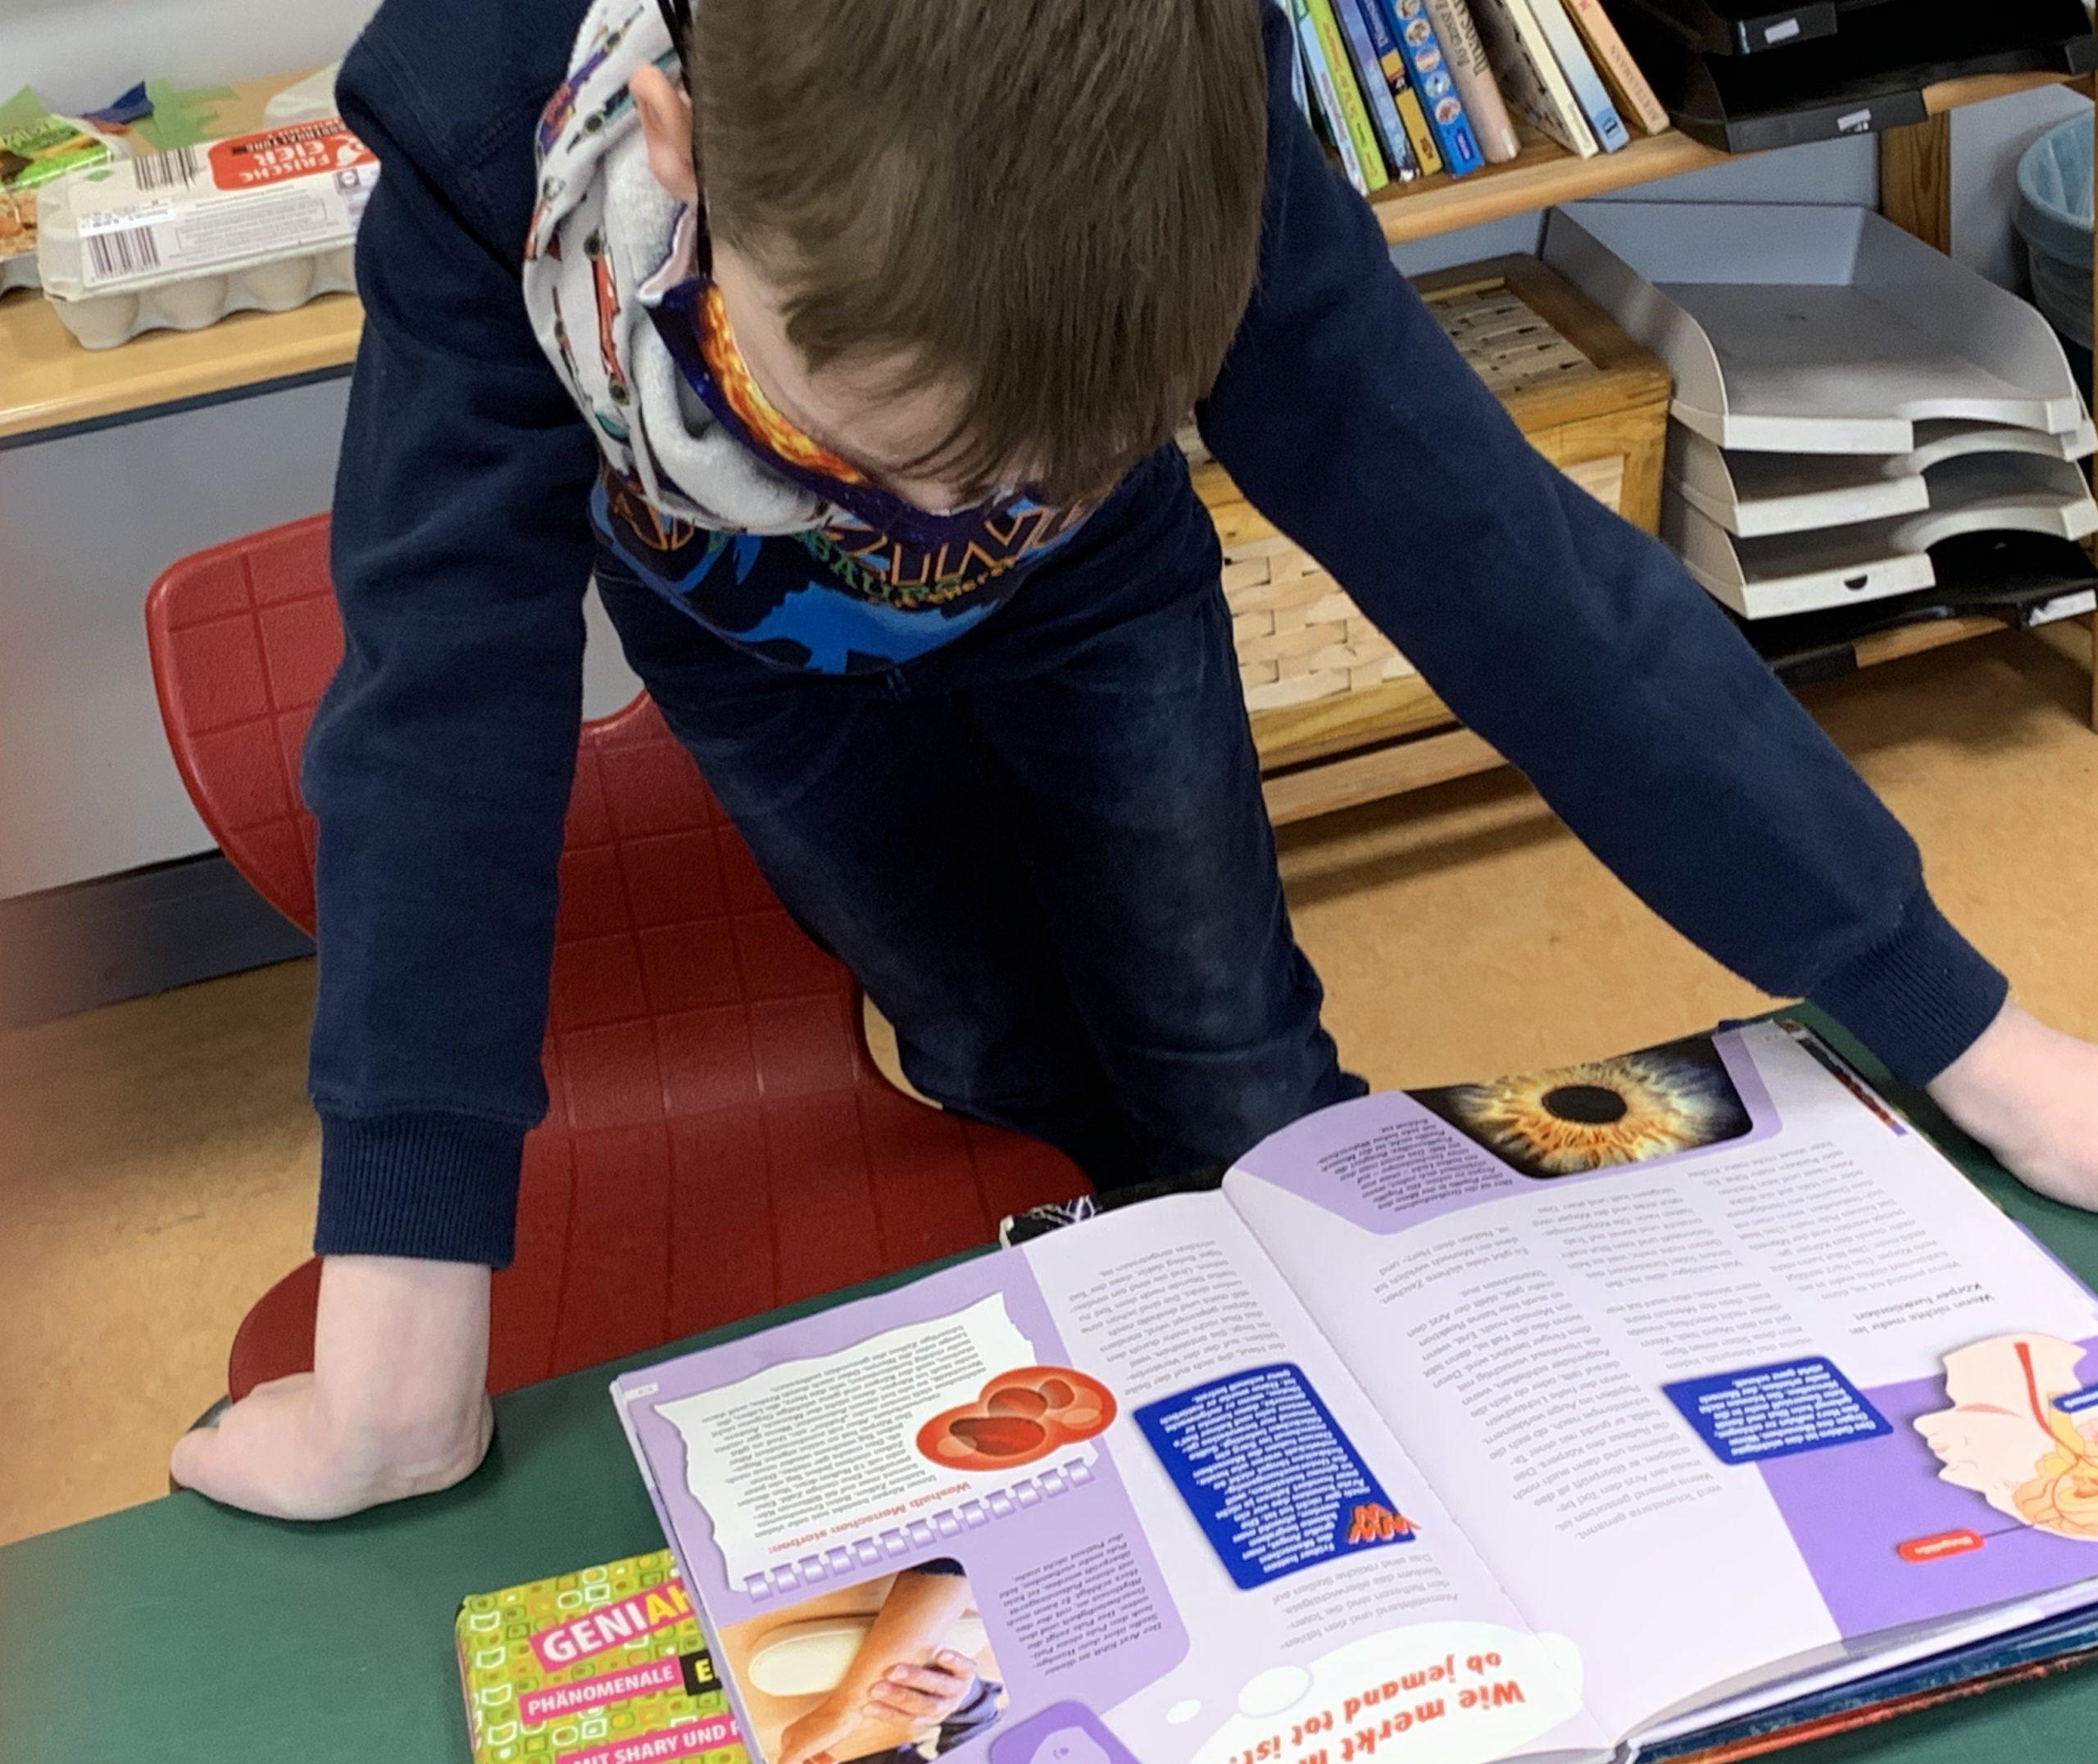 Ein Junge liest vertieft in einem Buch